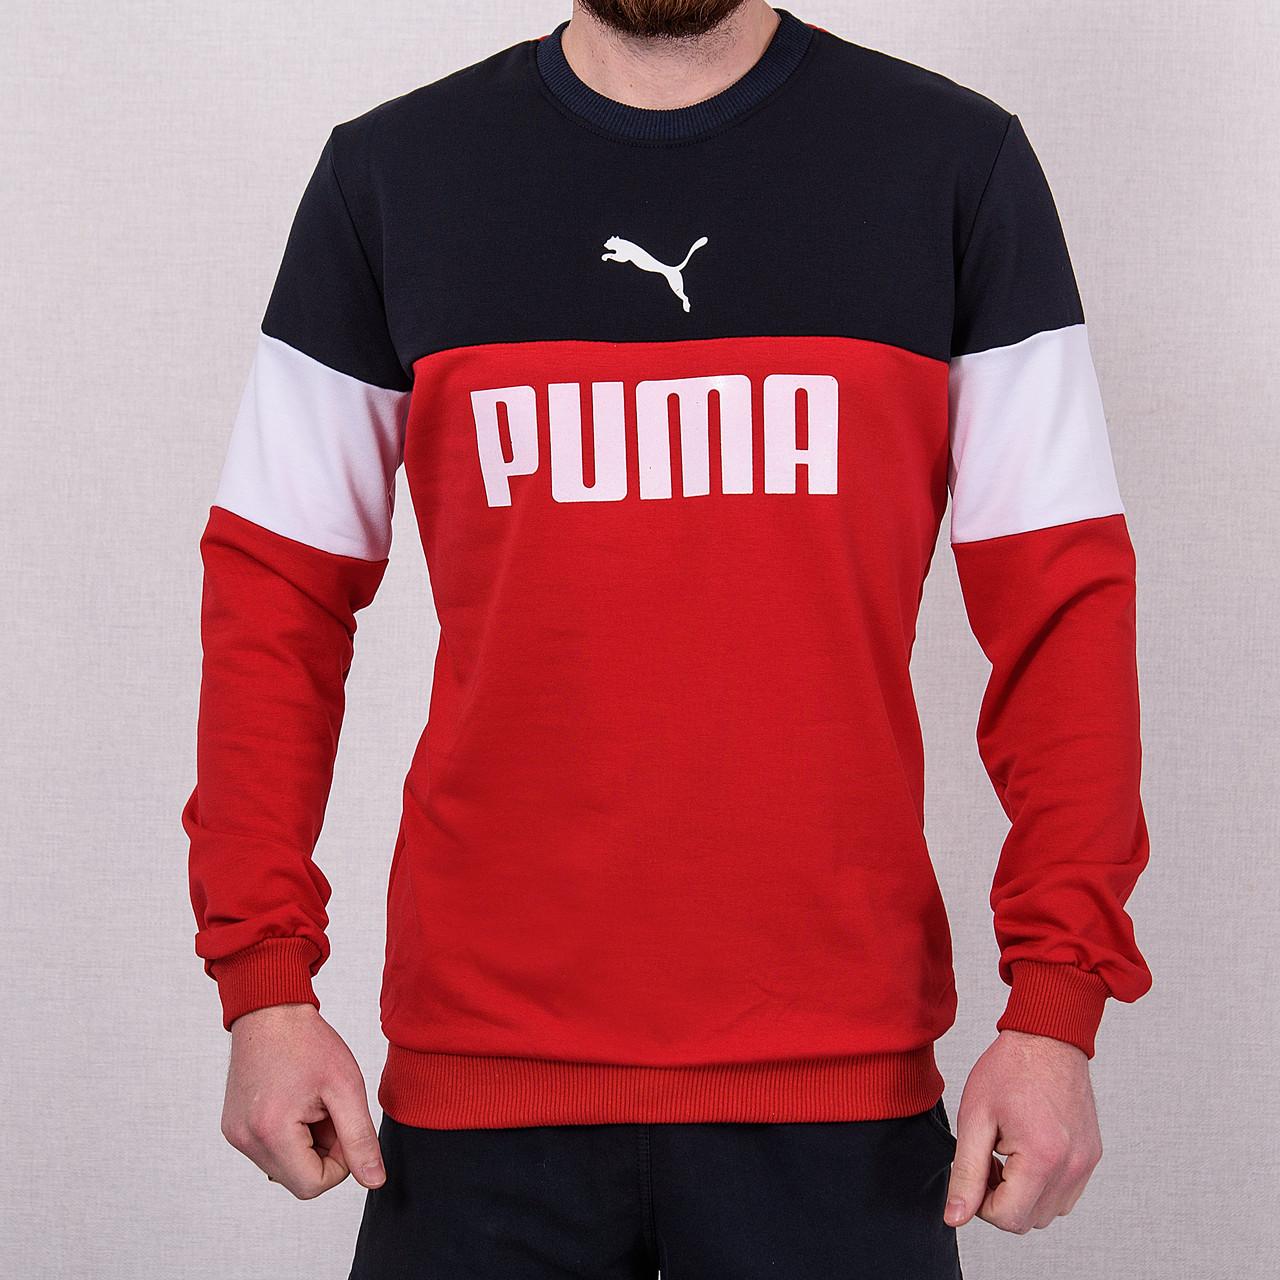 Свитшот мужской с надписью Puma красного цвета